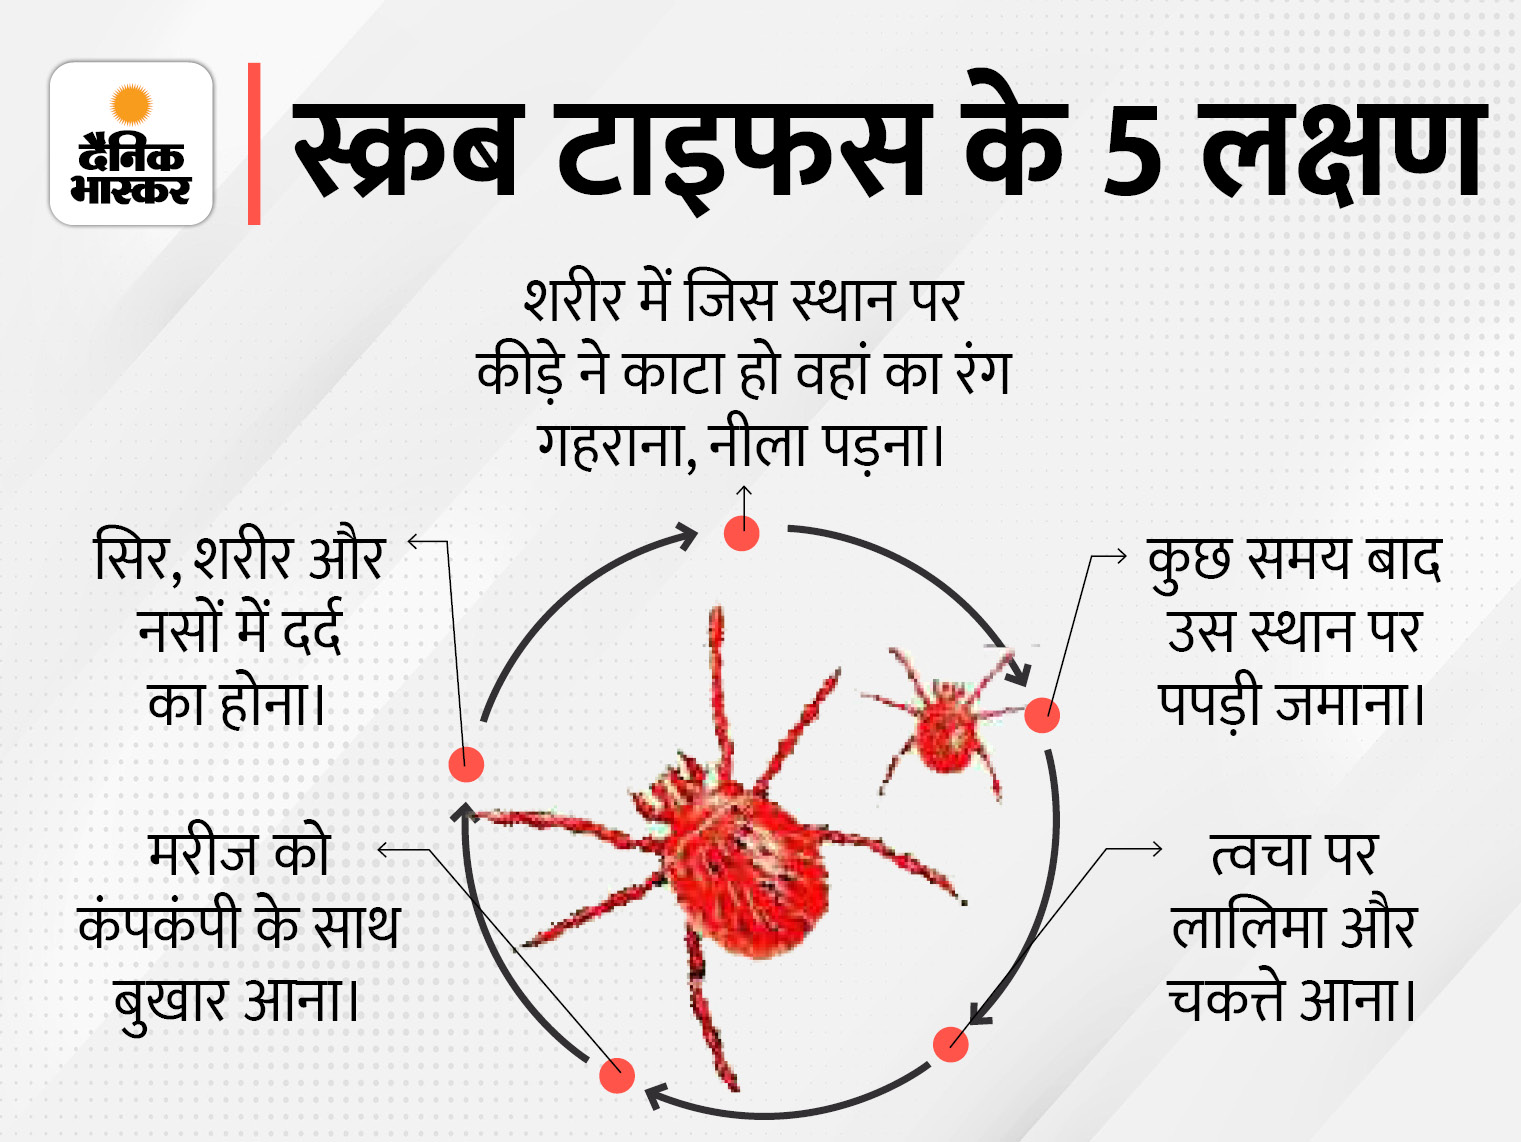 महिला में स्क्रब टाइफस की पुष्टि, शरीर के कई अंगों को करता है प्रभावित; एक्सपर्ट्स ने बताए बचाव के उपाय मेरठ,Meerut - Dainik Bhaskar